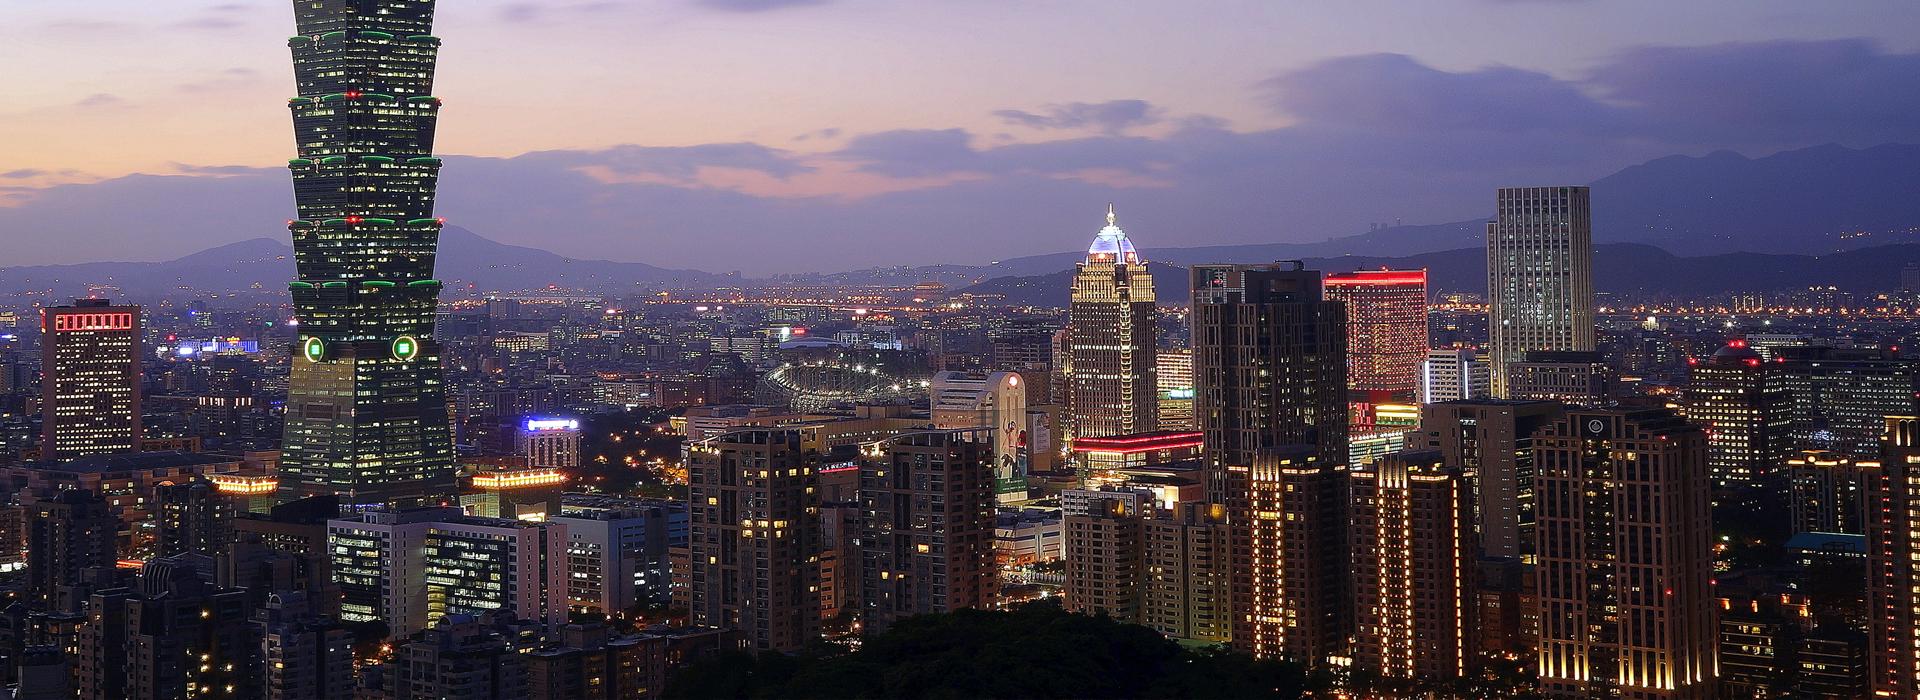 下滑3名、首度被中國超越! 台灣IMD世界競爭力排名第17